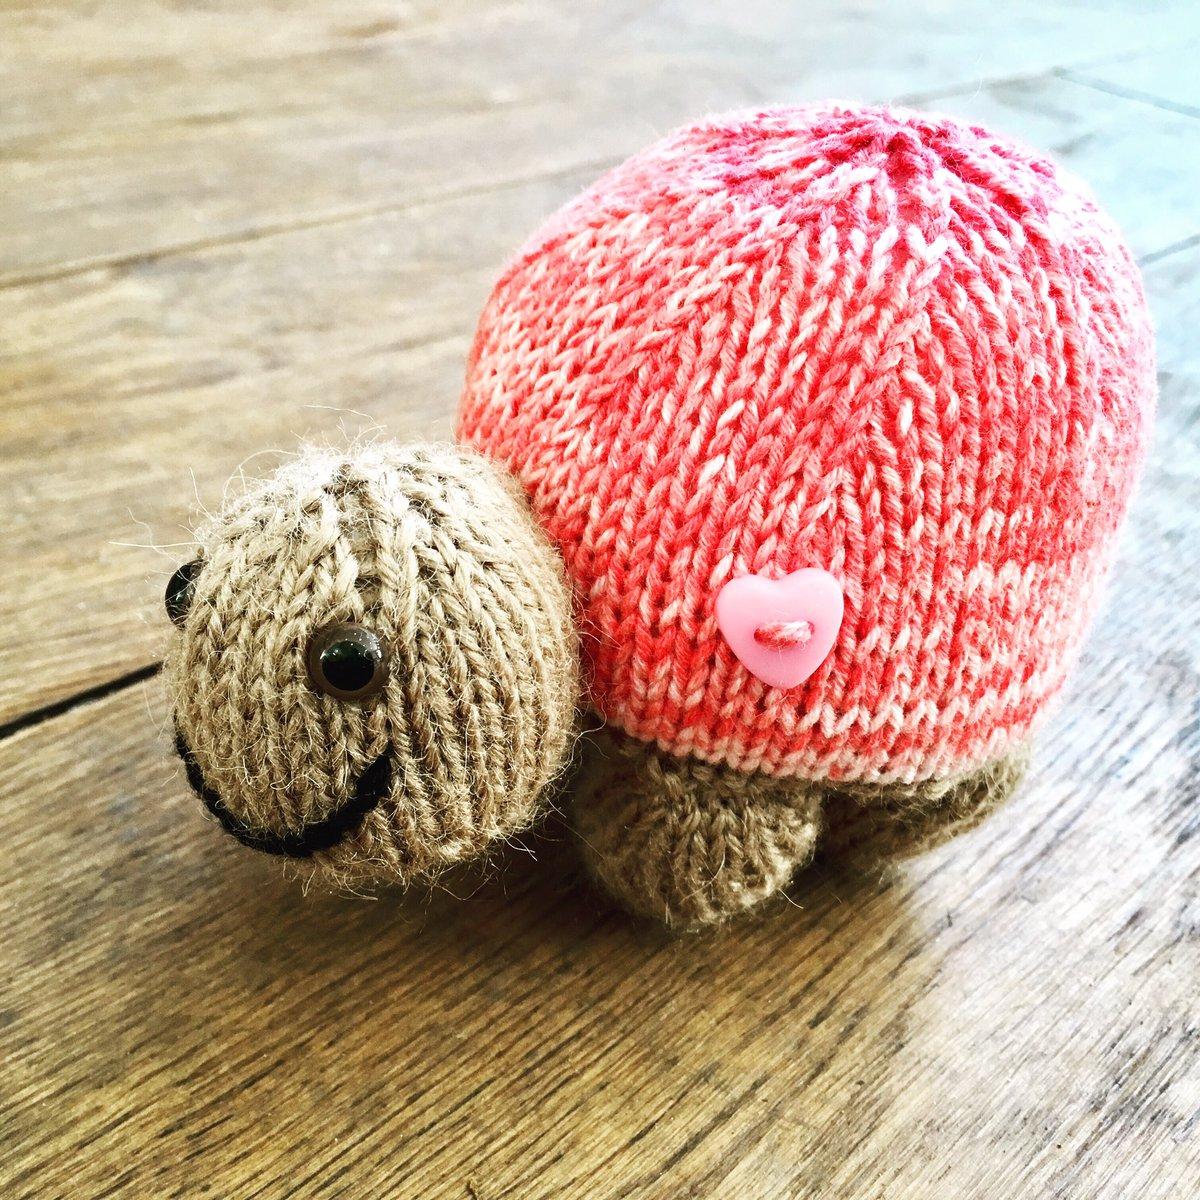 Happy Valentine's Day everybody 💕#Valentines #valentinesday